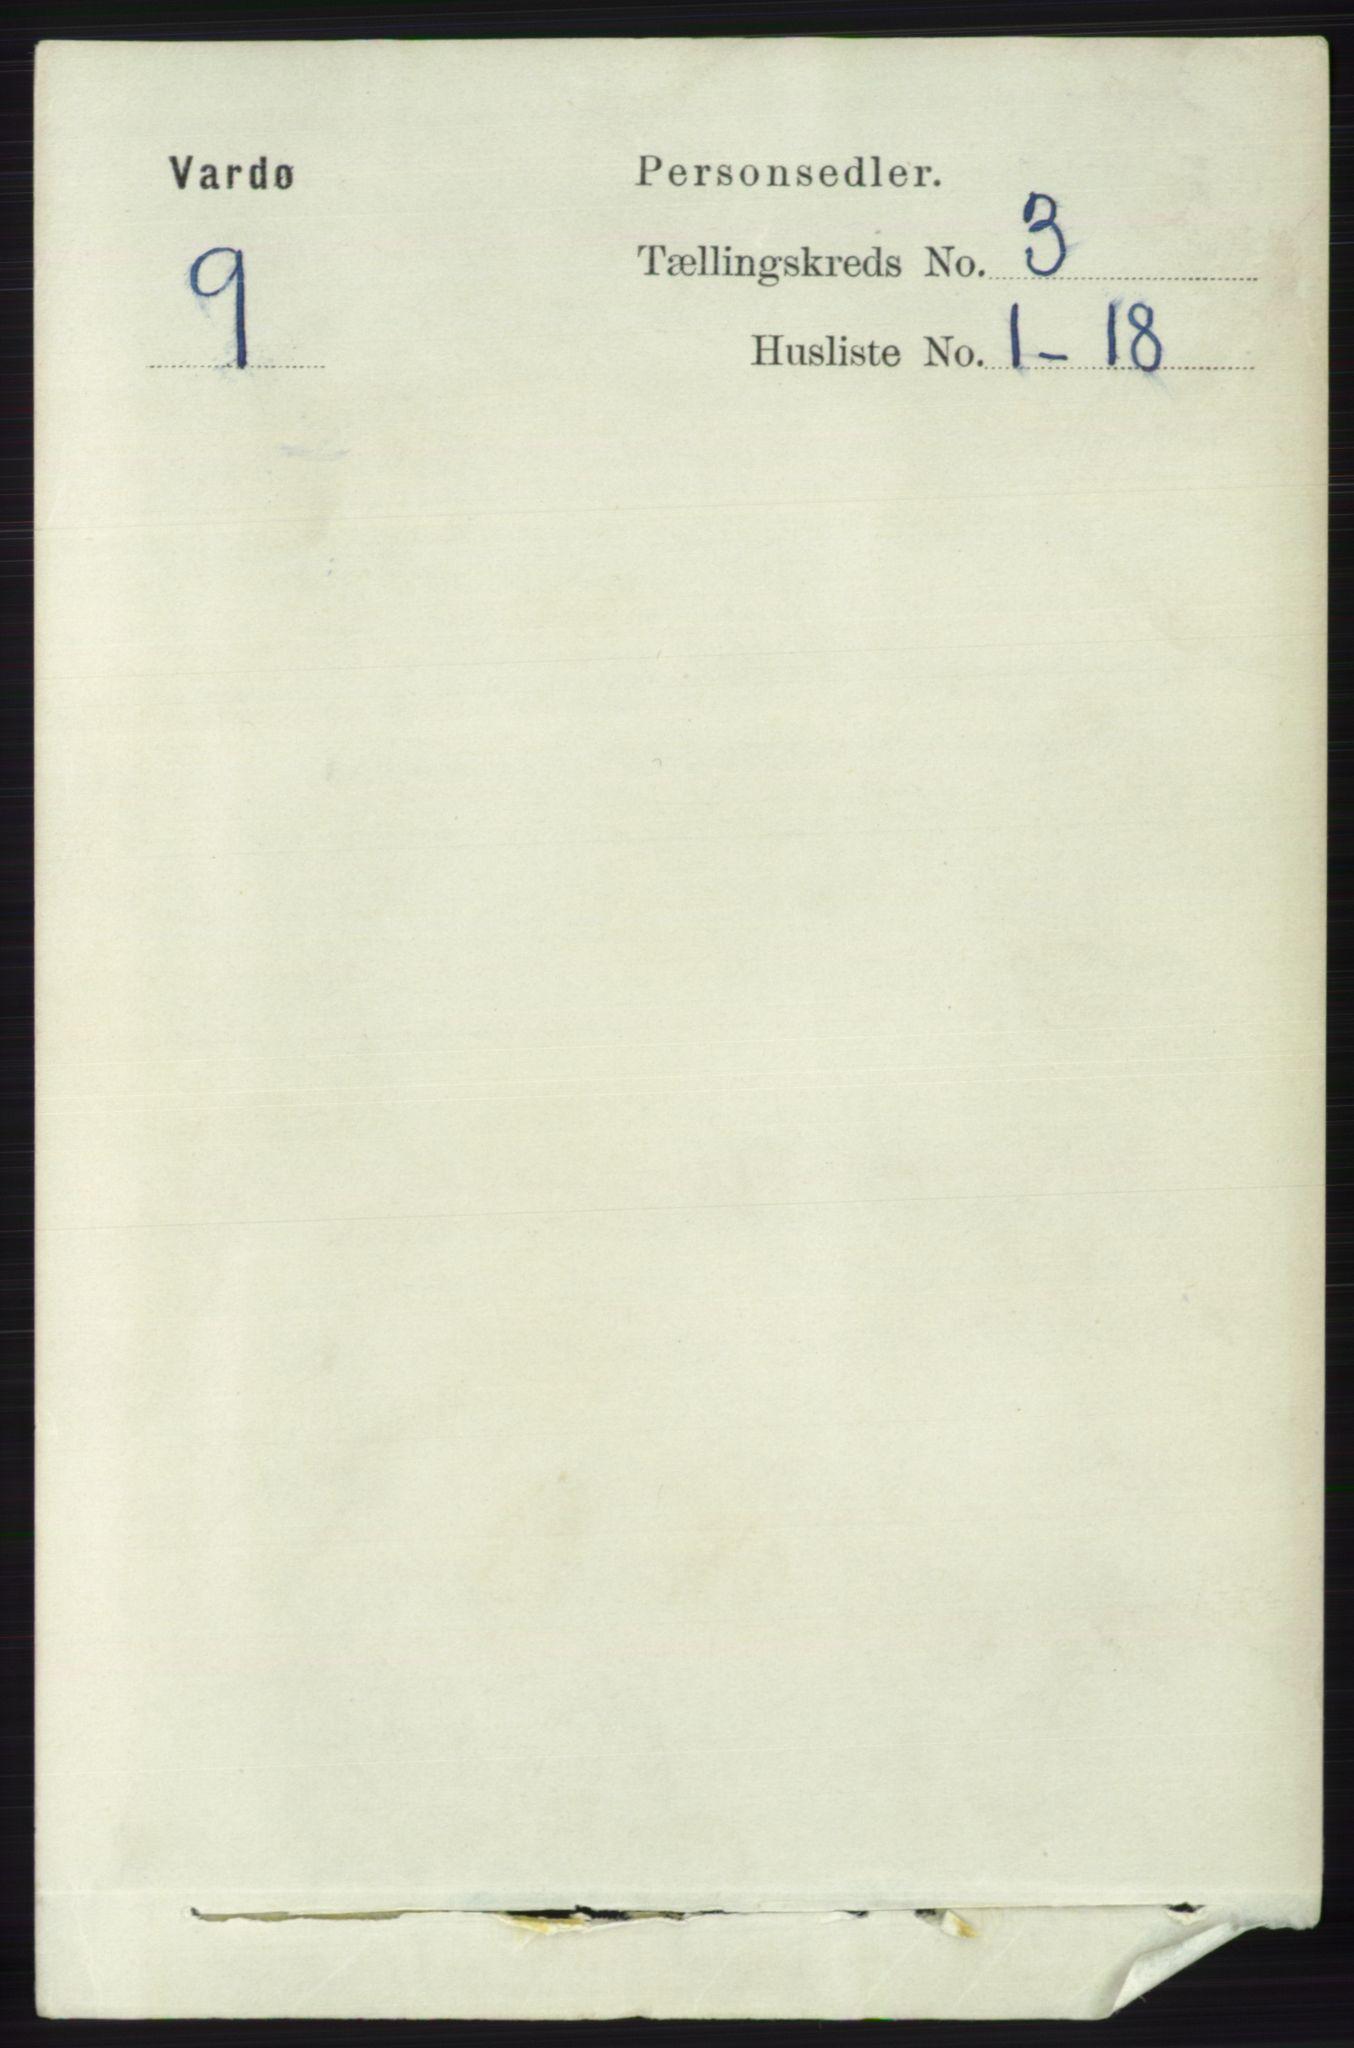 RA, Folketelling 1891 for 2002 Vardø kjøpstad, 1891, s. 1541